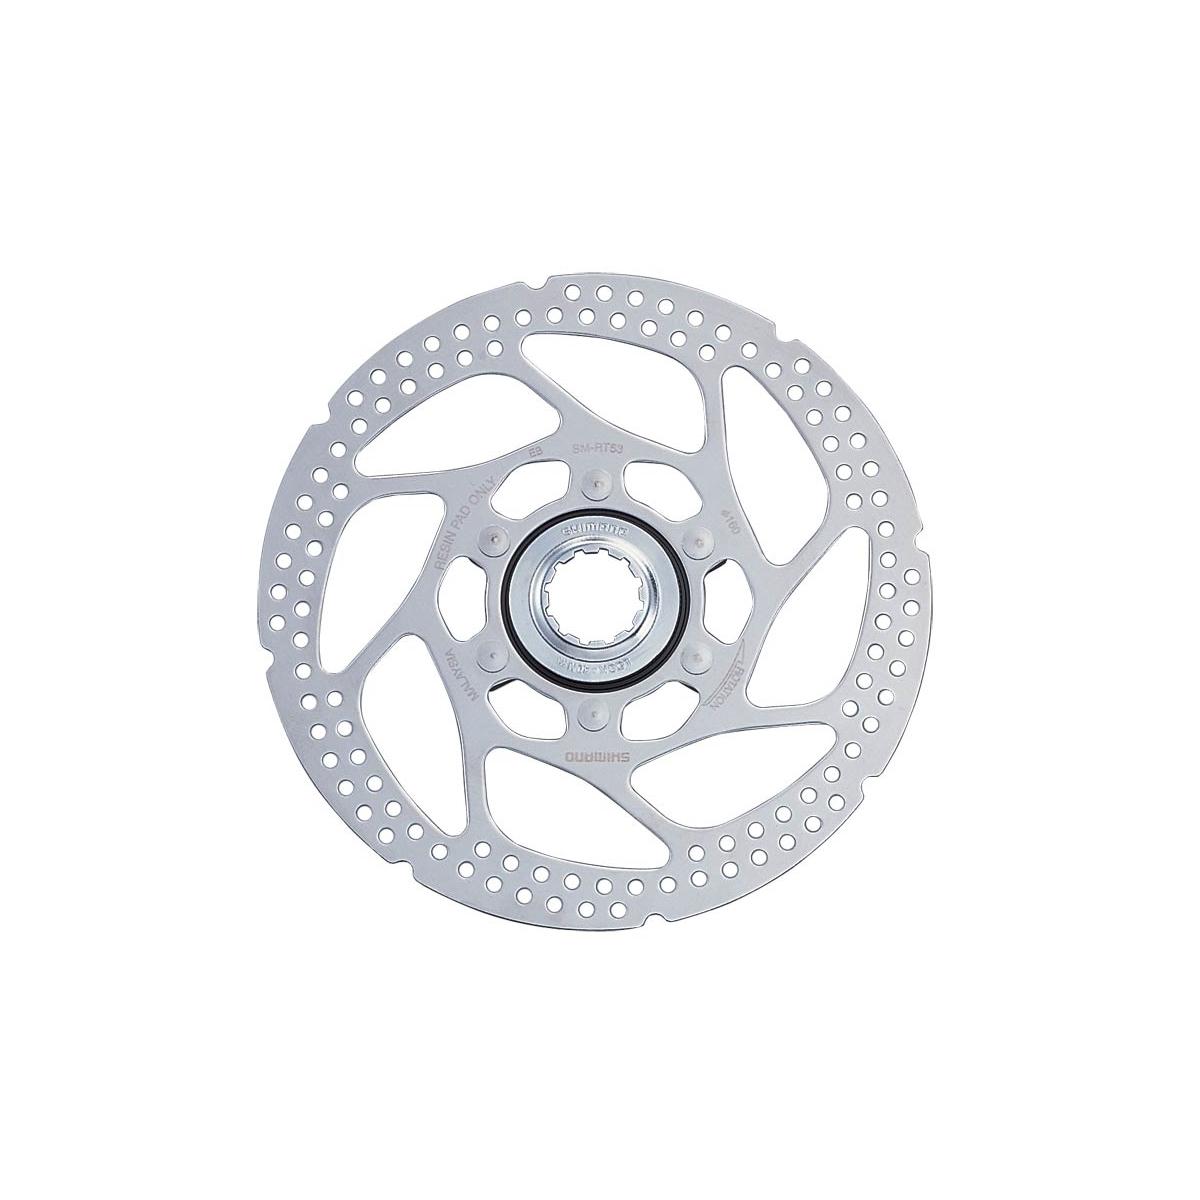 Brzdový kotouč SH SMRT54 CENTER LOCK 160 mm, stříbrný